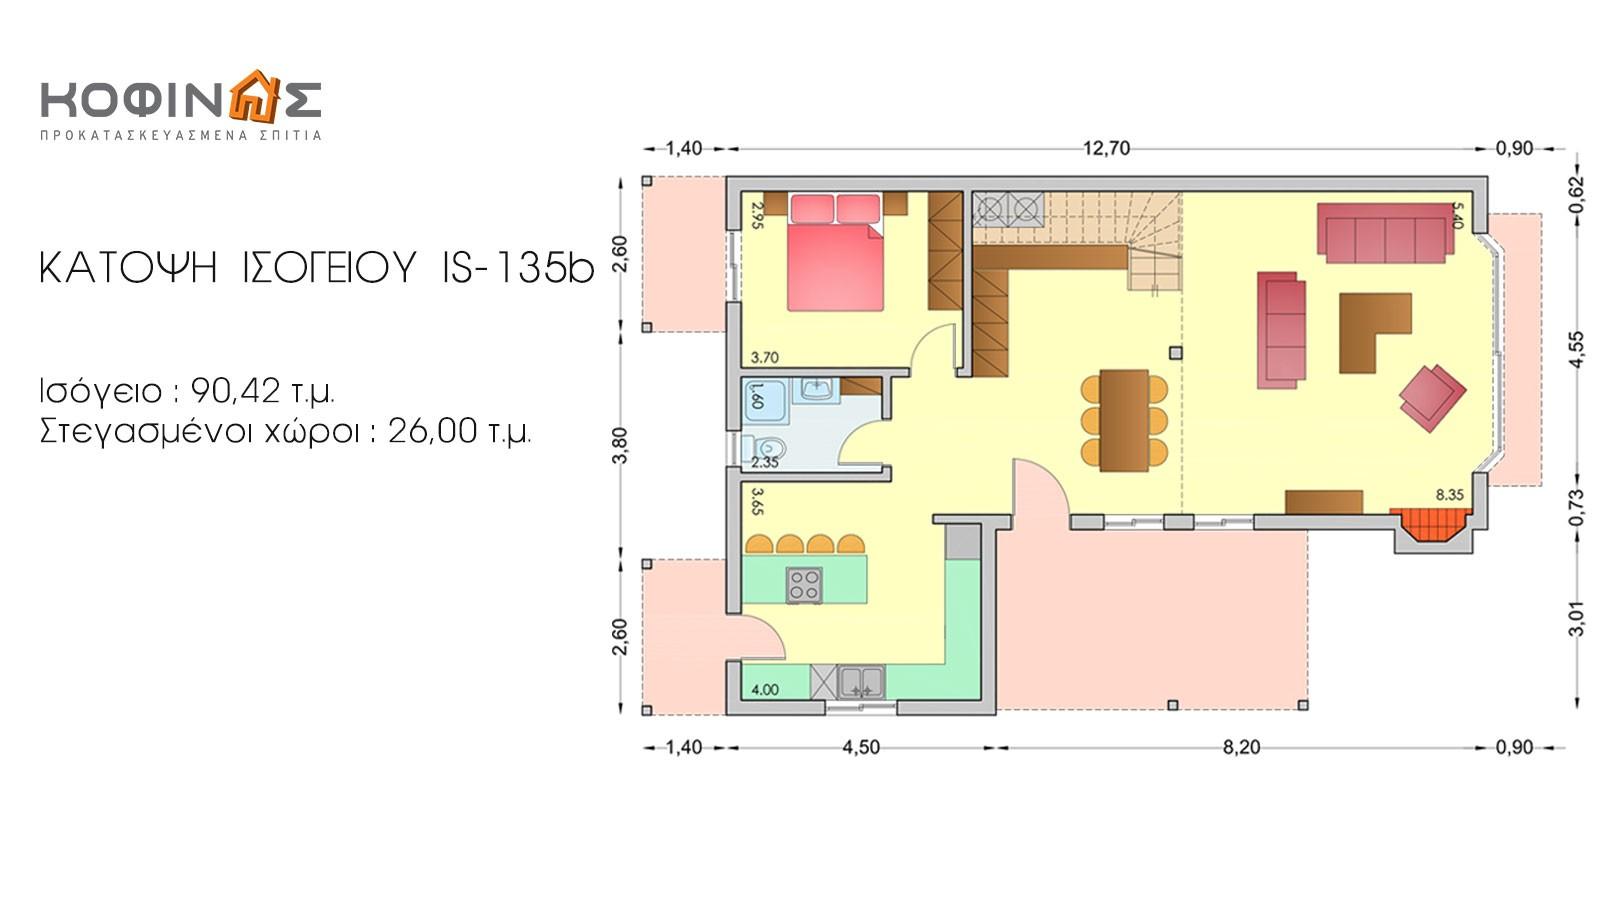 Ισόγεια Κατοικία με Σοφίτα IS-135b, συνολικής επιφάνειας 135,25 τ.μ.